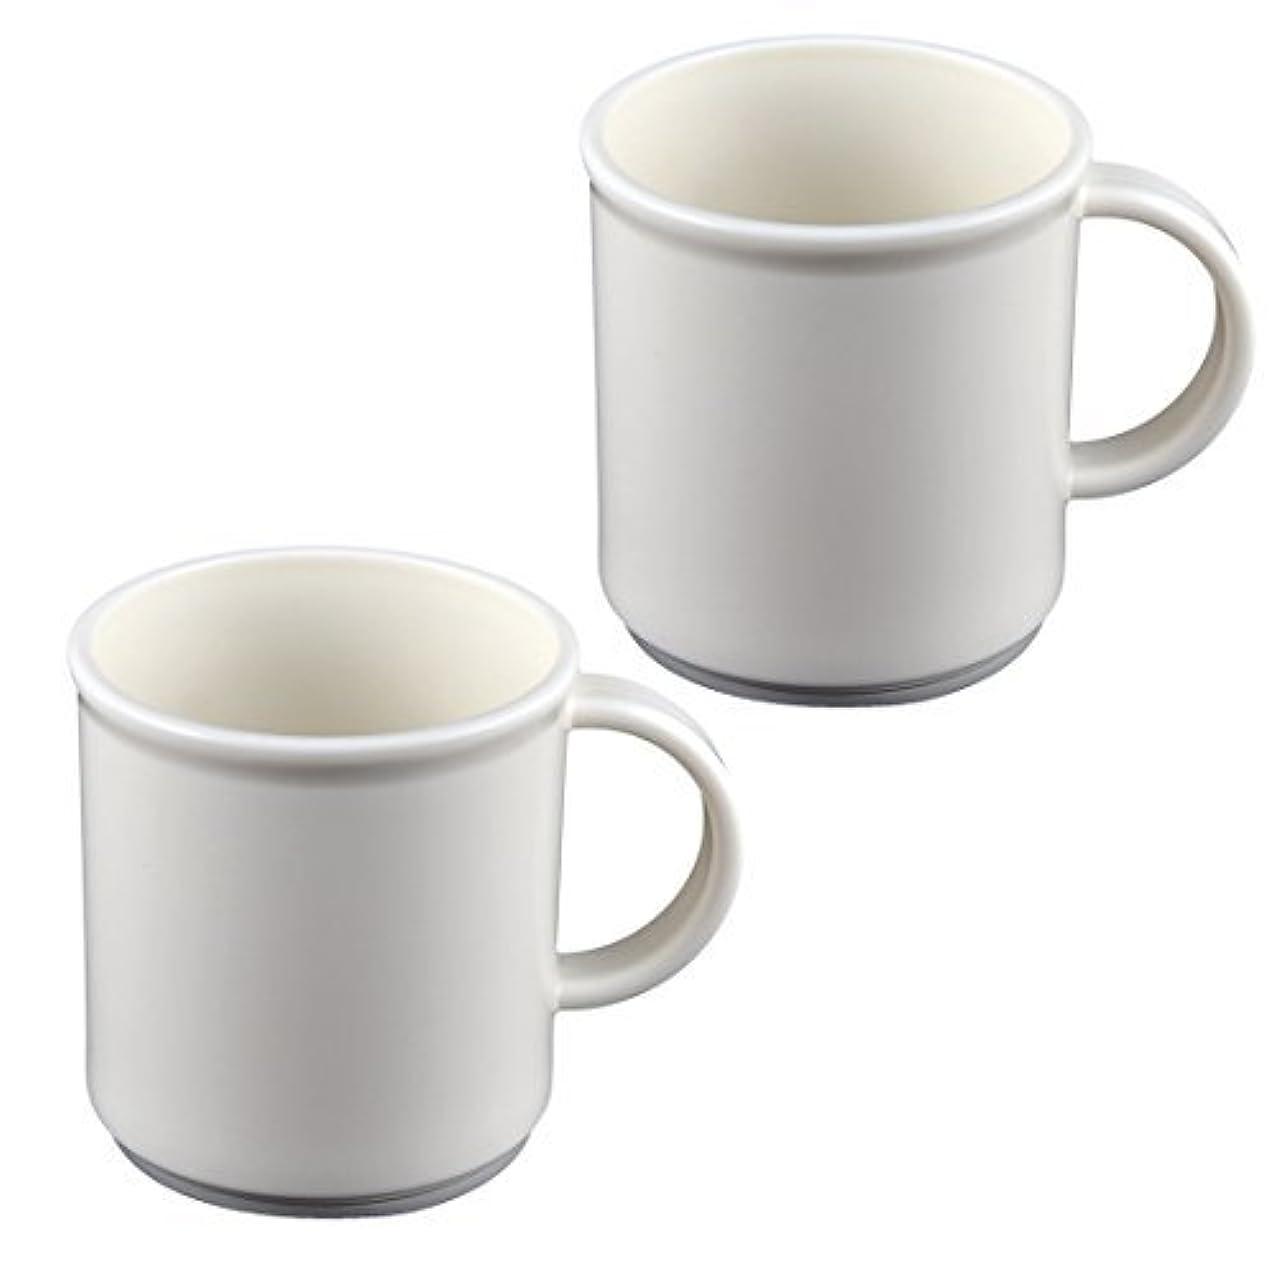 定規黙宿るDealMuxバスアクセサリーブラシカップ歯ブラシ歯磨き粉ホルダー2個ホワイト